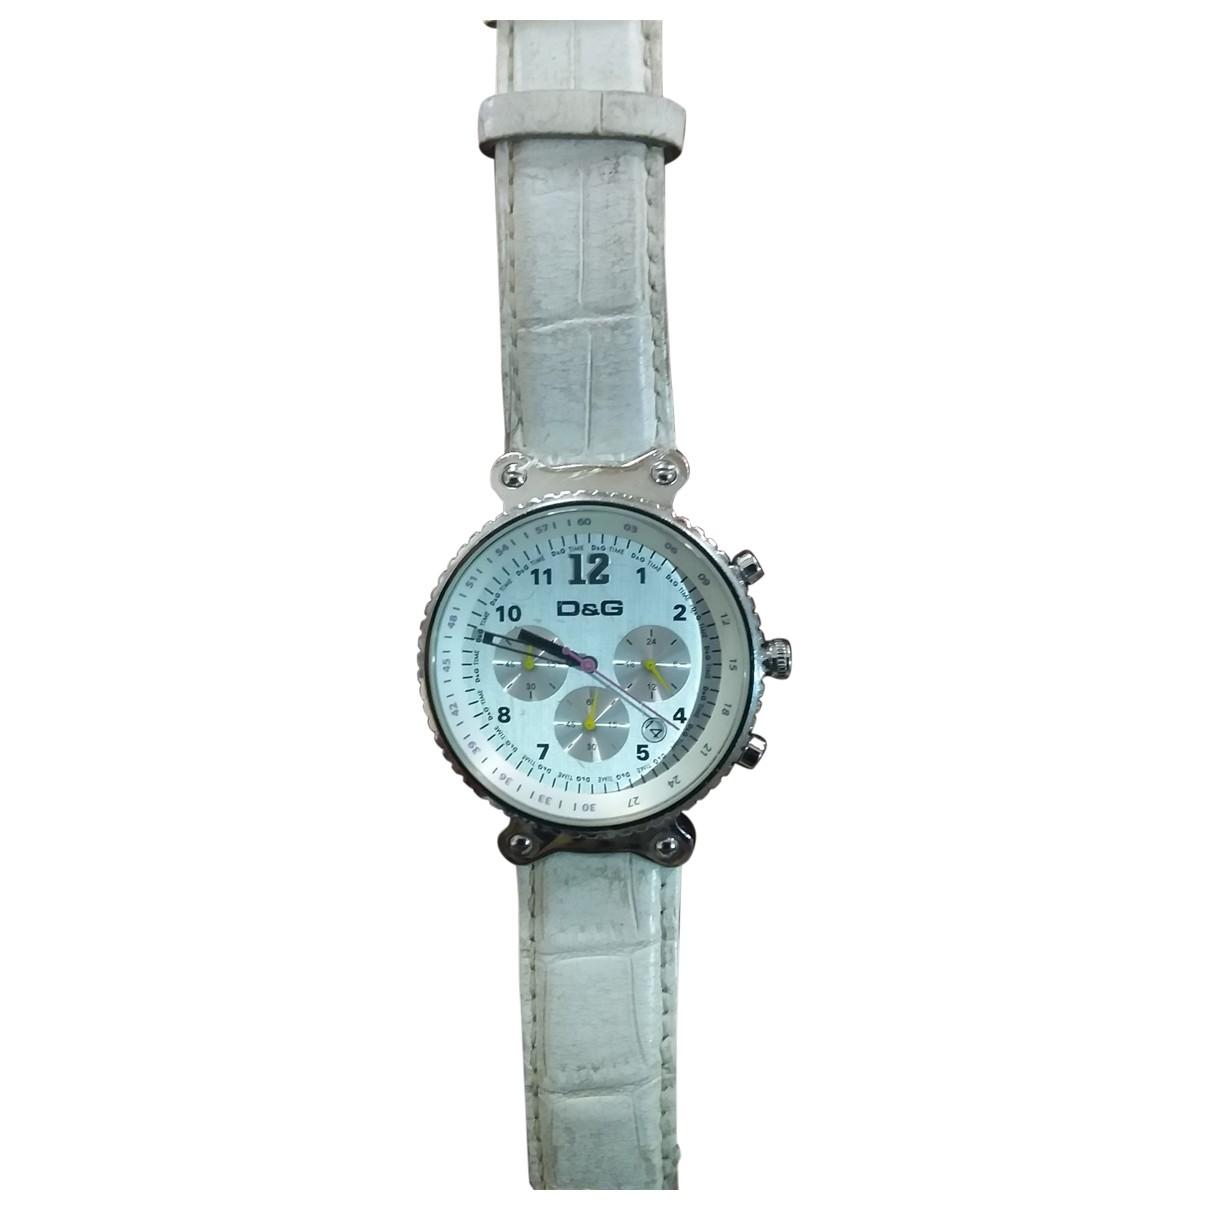 D&g \N Uhr in  Weiss Stahl